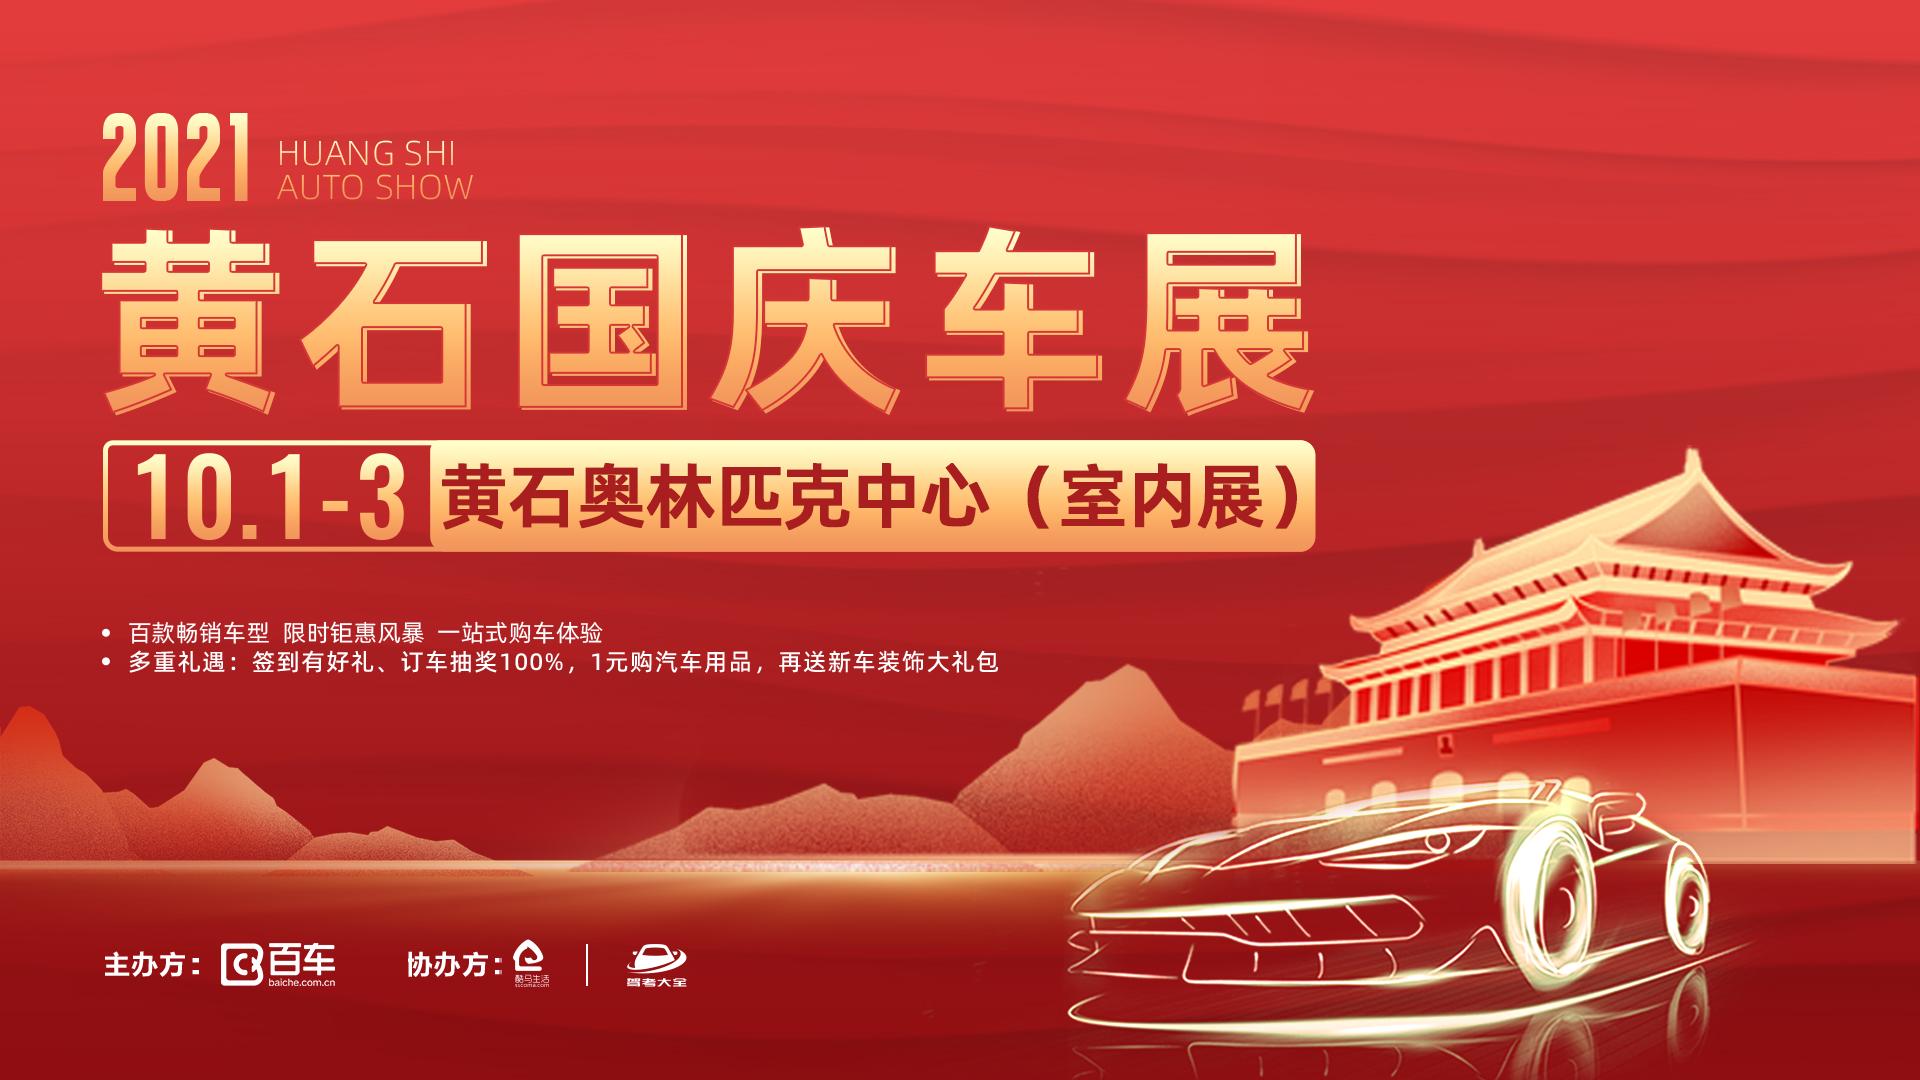 2021黄石国庆车展10月1日-3日即将盛大开启